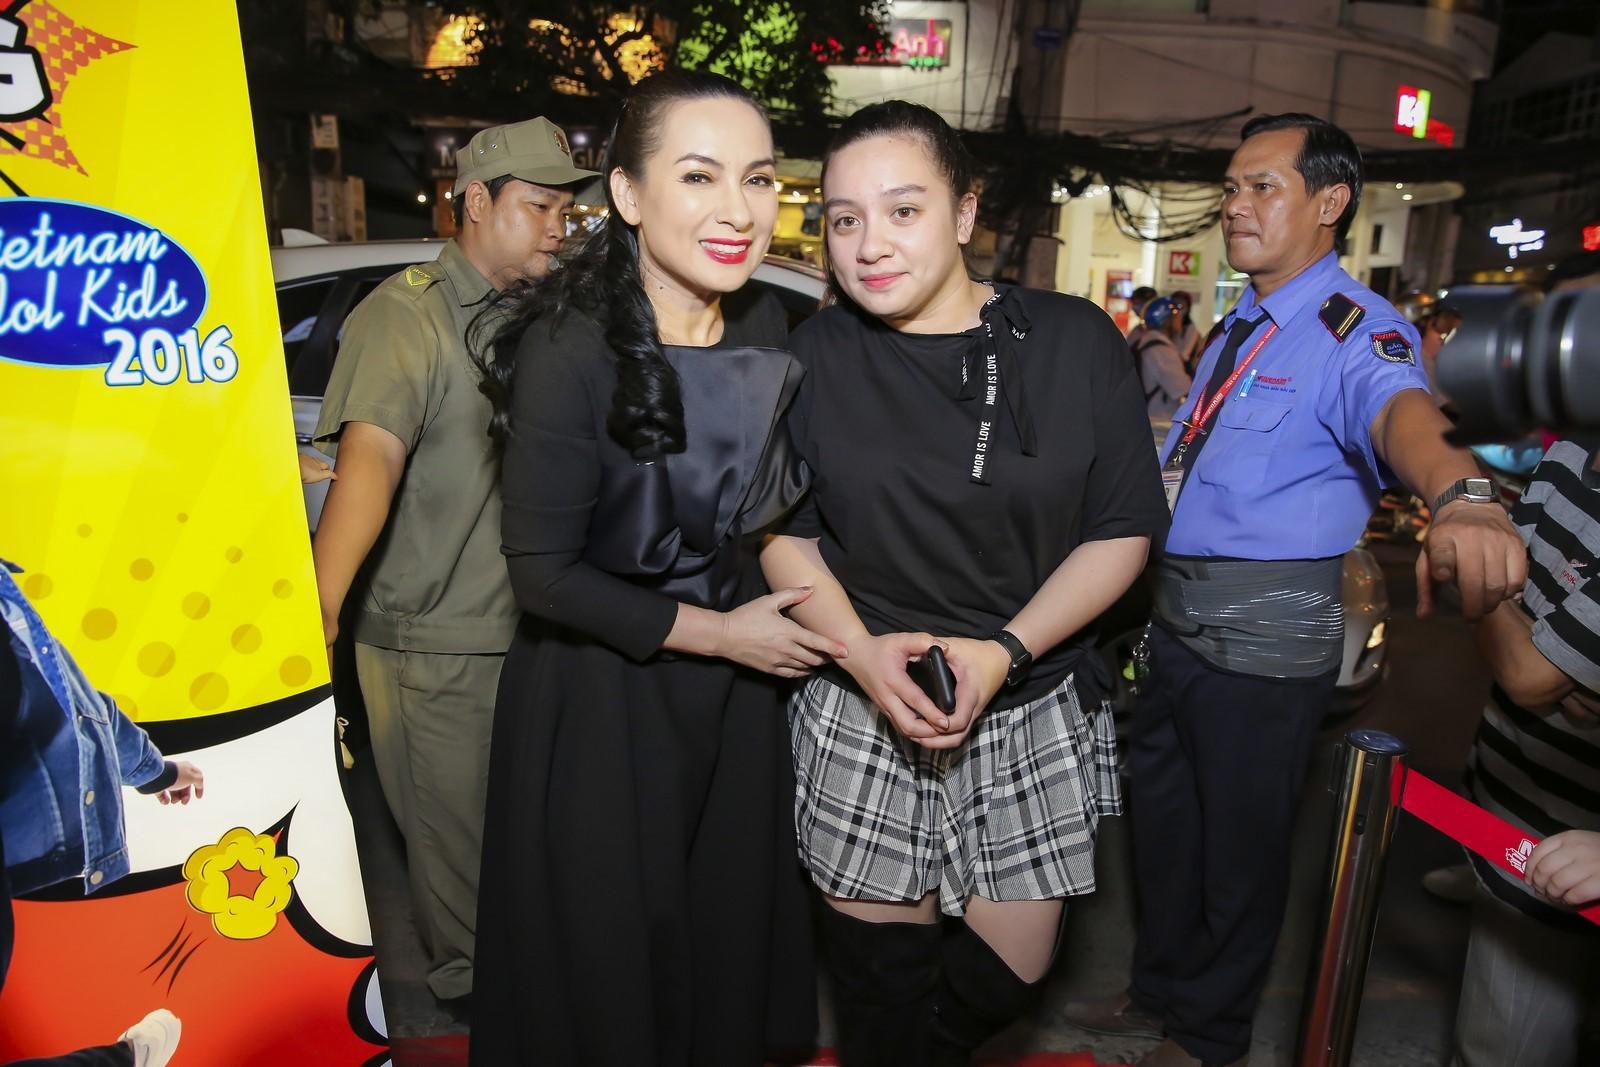 Ngôi sao - Phi Nhung hạnh phúc đưa con gái về nước và tổ chức fan metting (Hình 3).